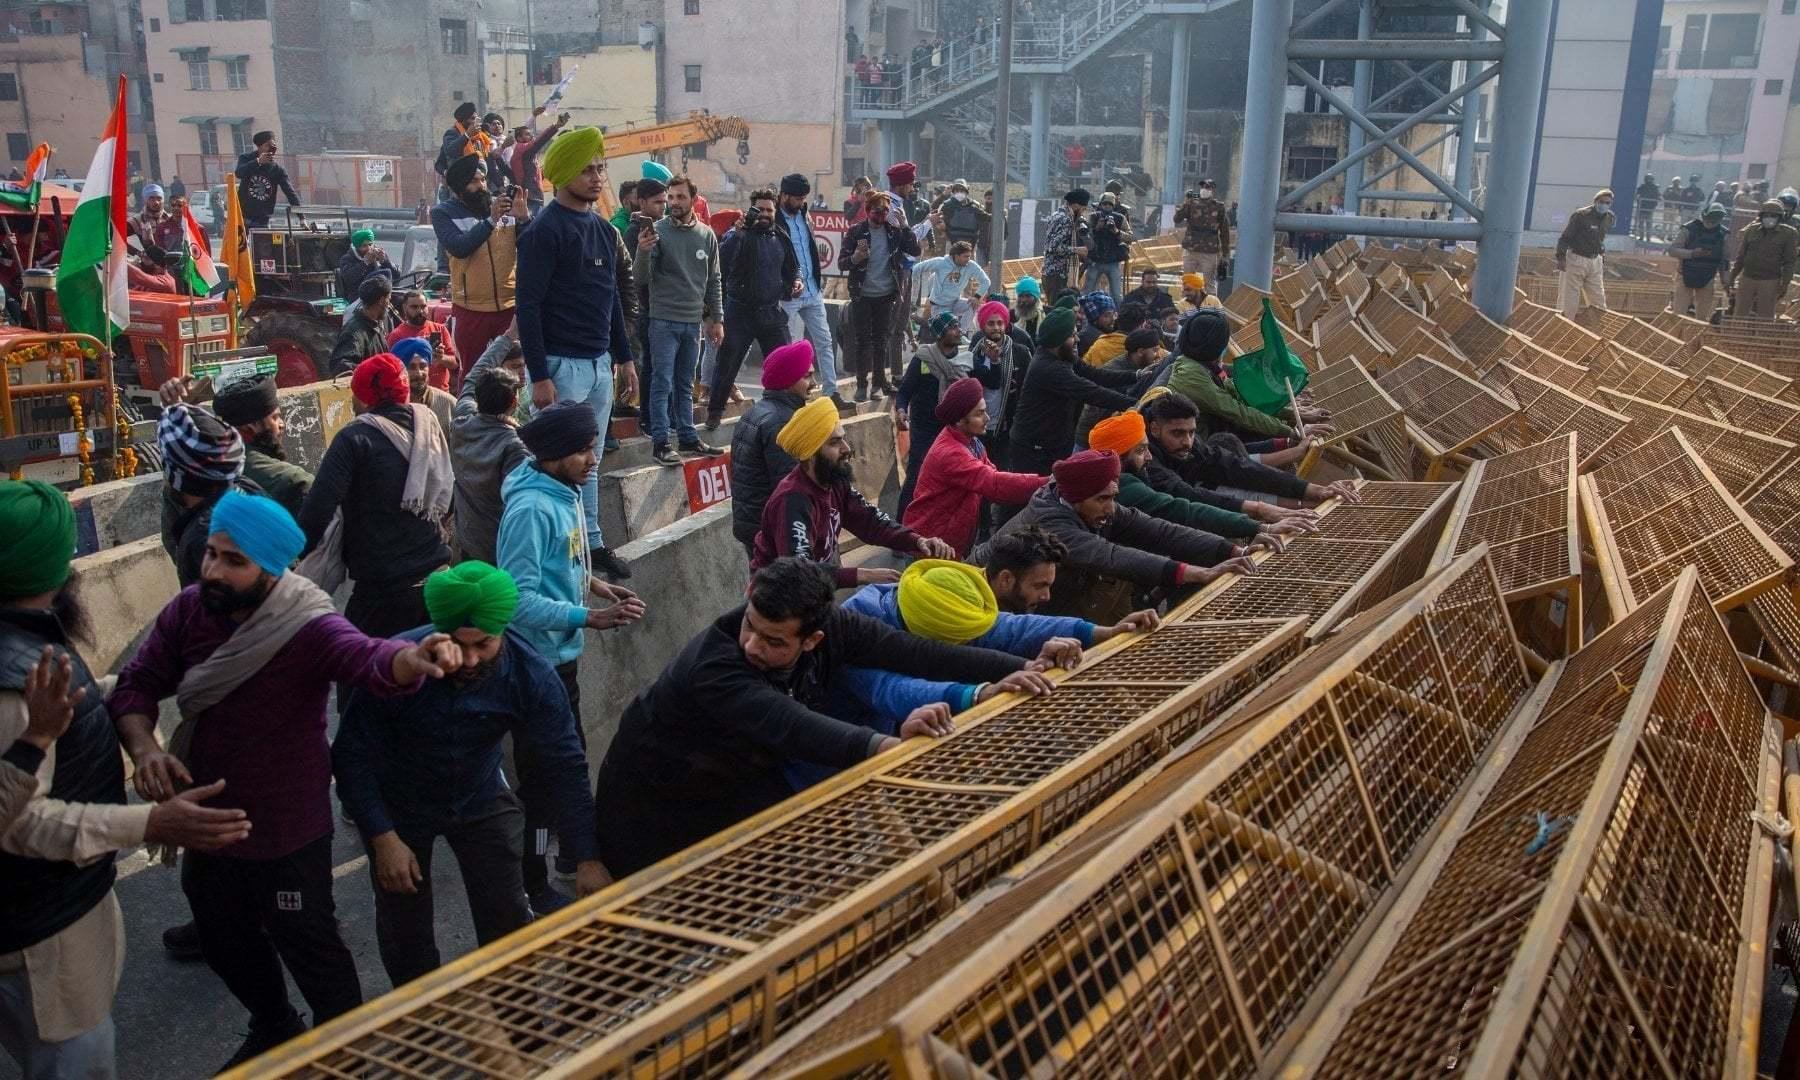 کسانوں نے رکاوٹوں کے باوجود اپنا احتجاج ریکارڈ کروایا — فوٹو: اے پی